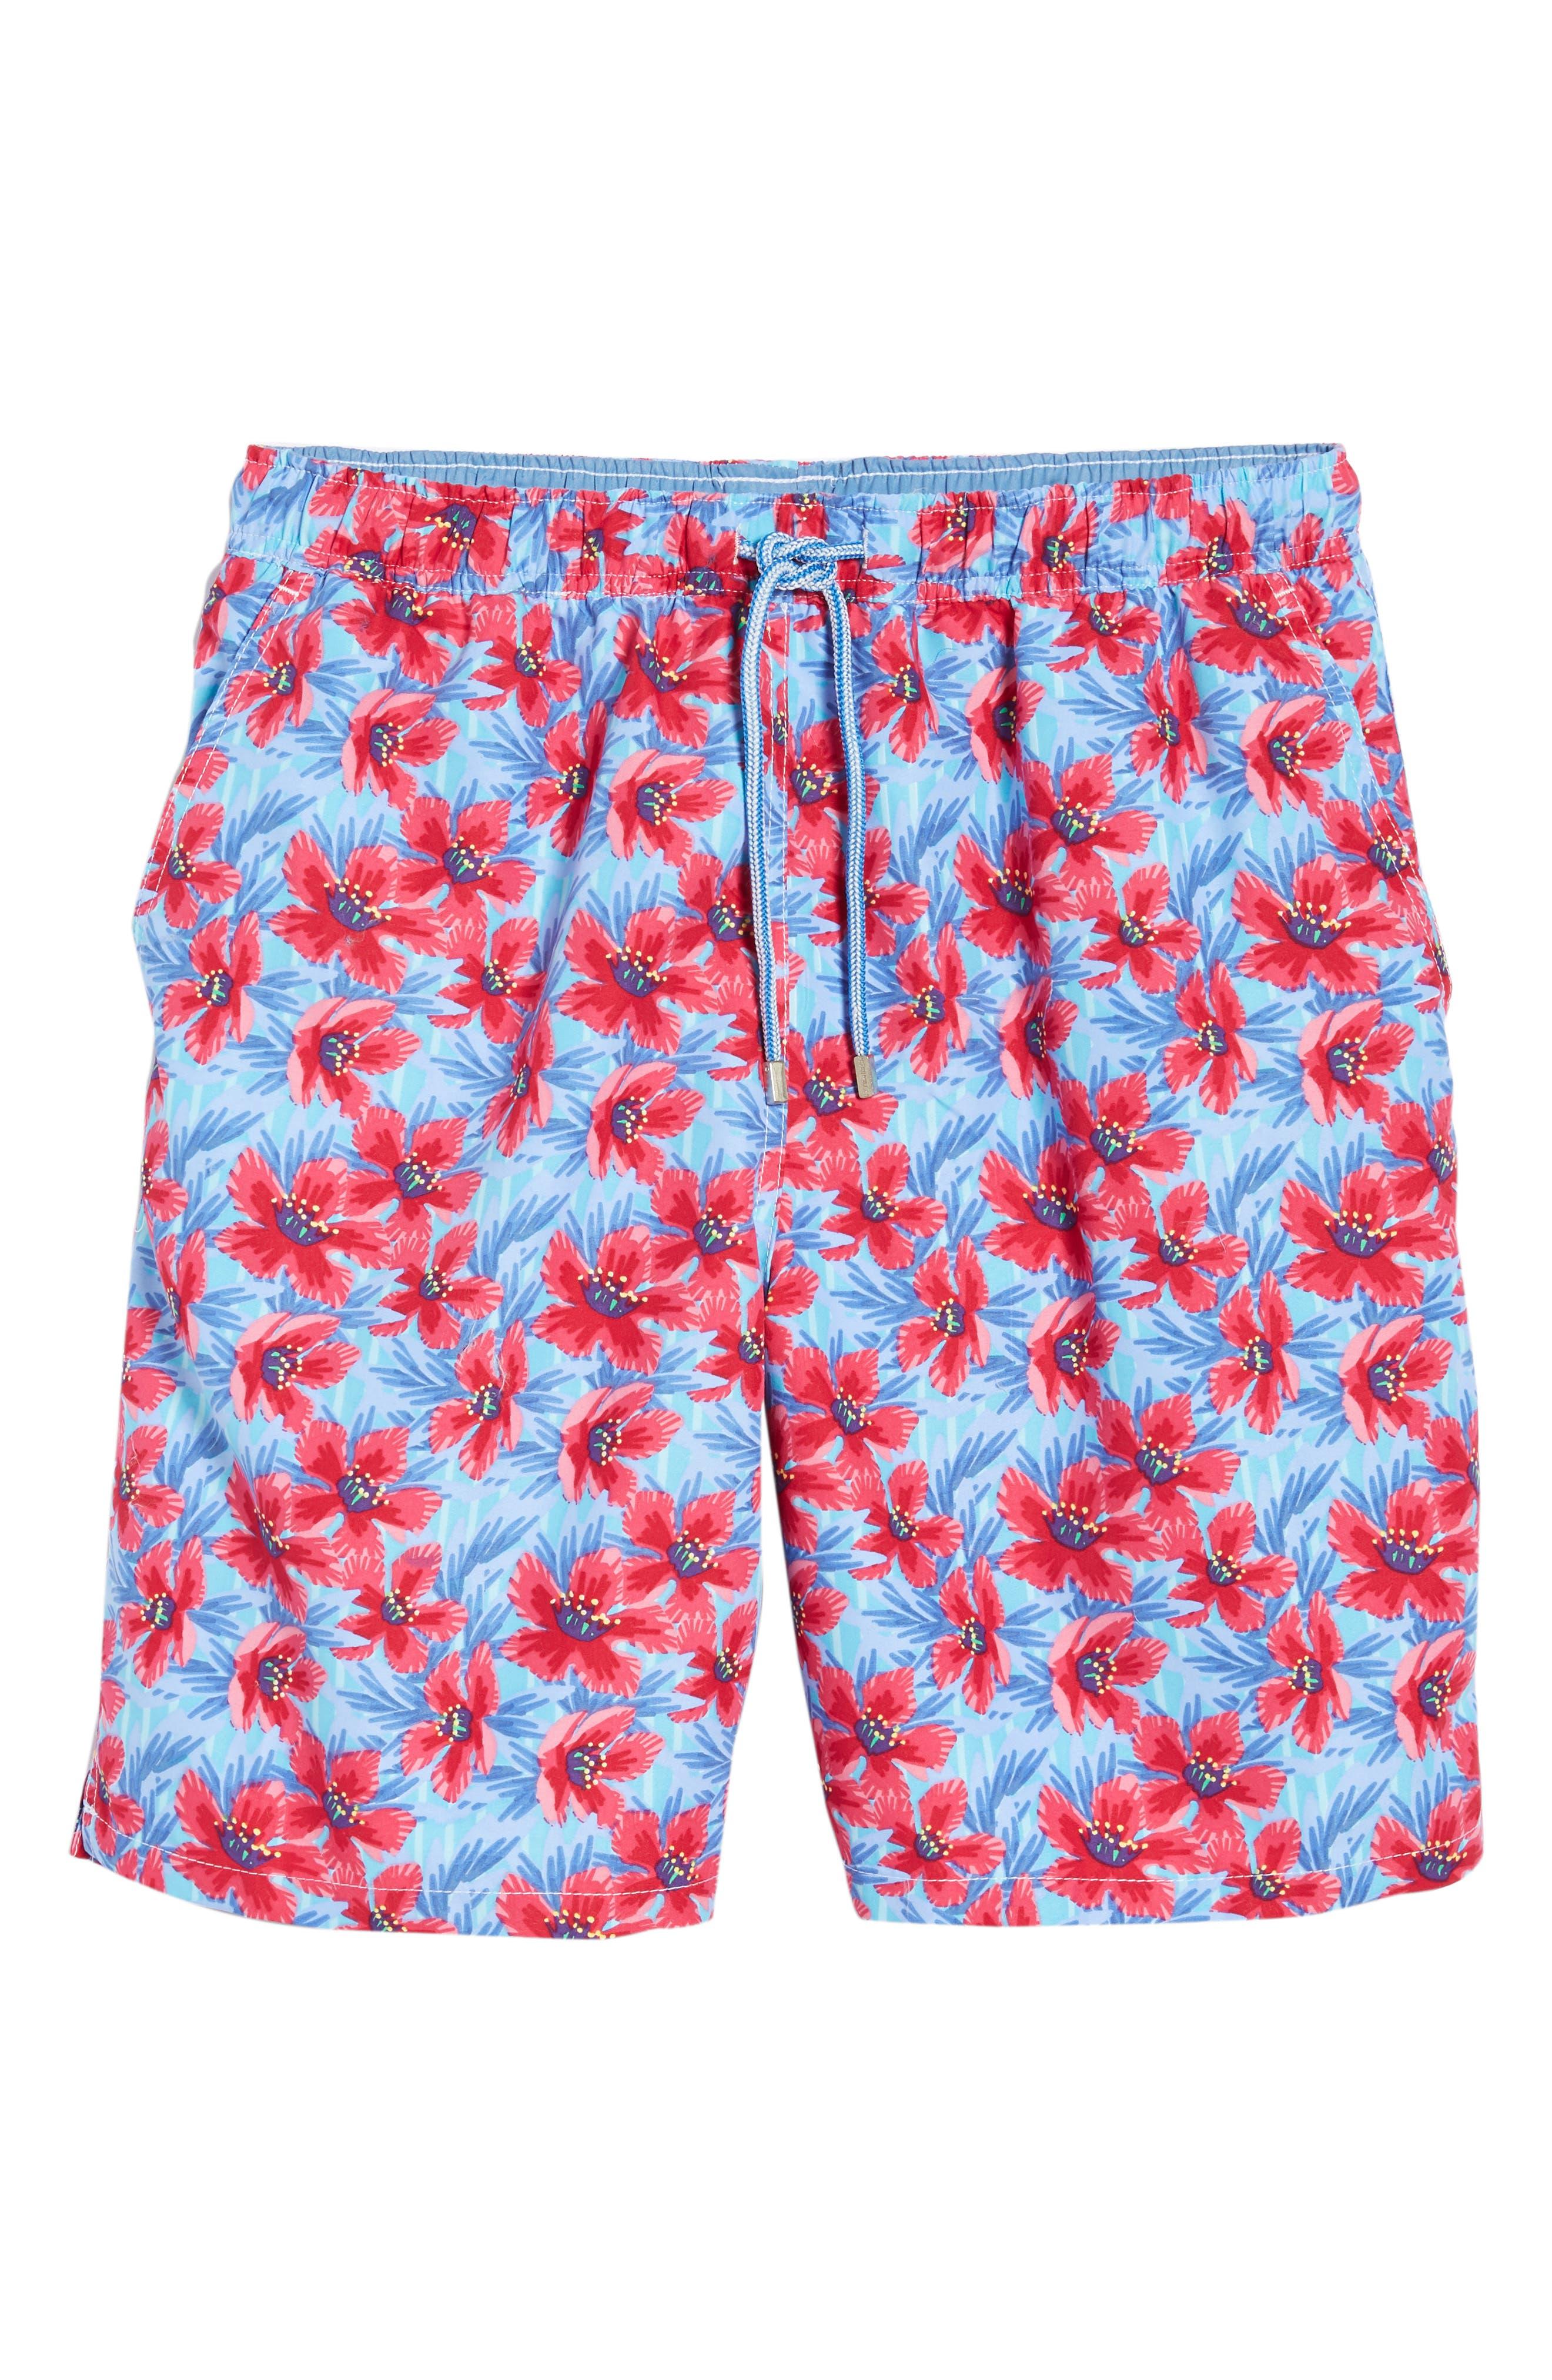 Spanish Flowers Swim Trunks,                             Alternate thumbnail 6, color,                             464